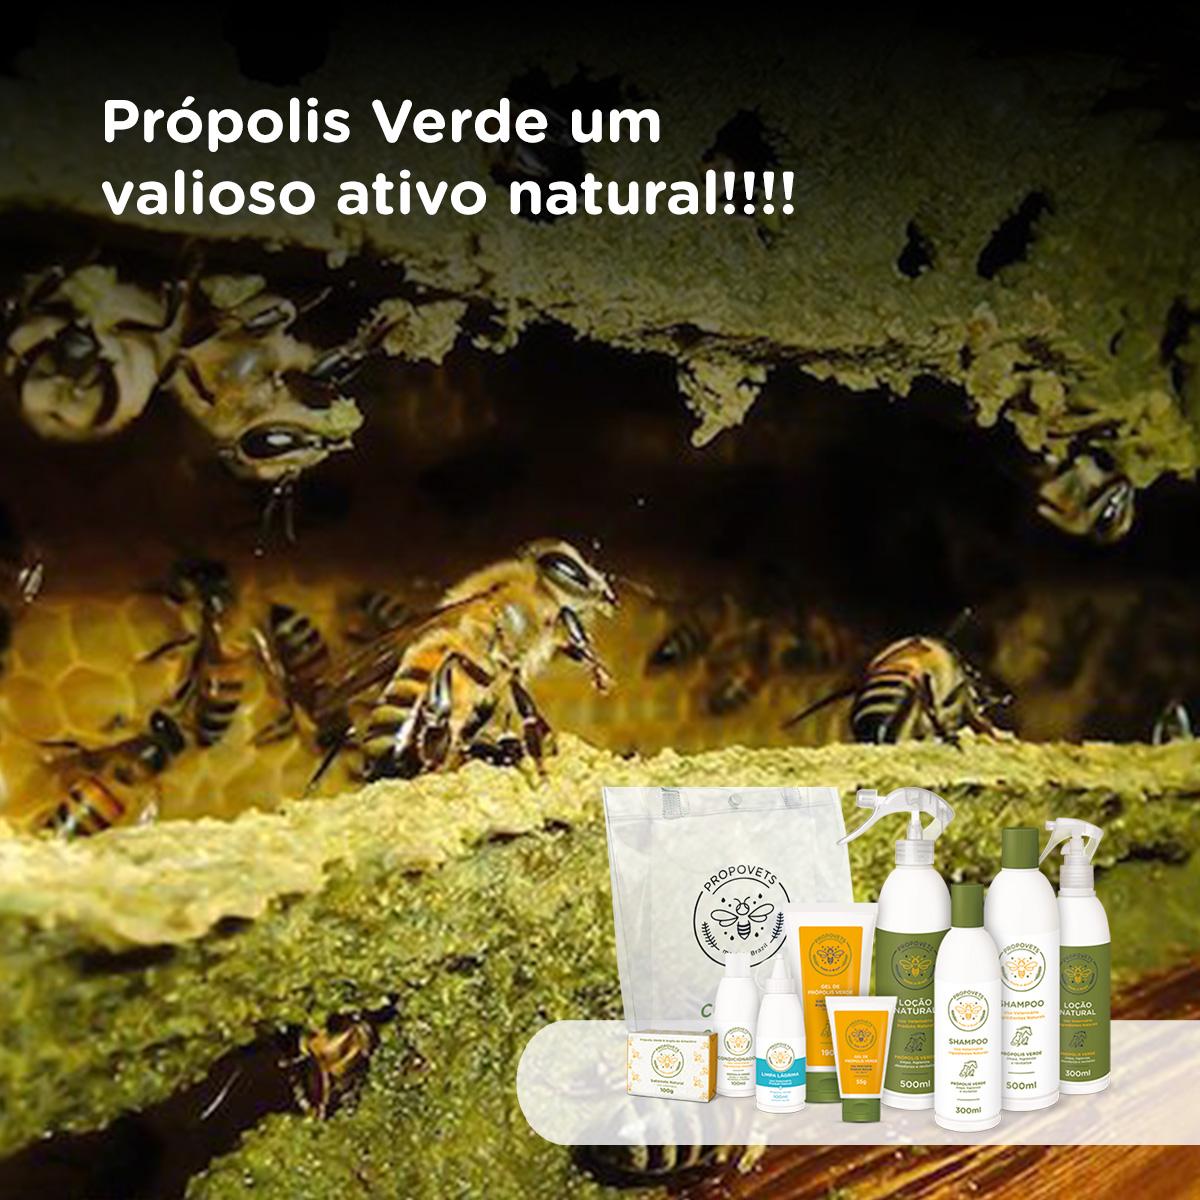 Própolis Verde um valioso ativo natural!!!